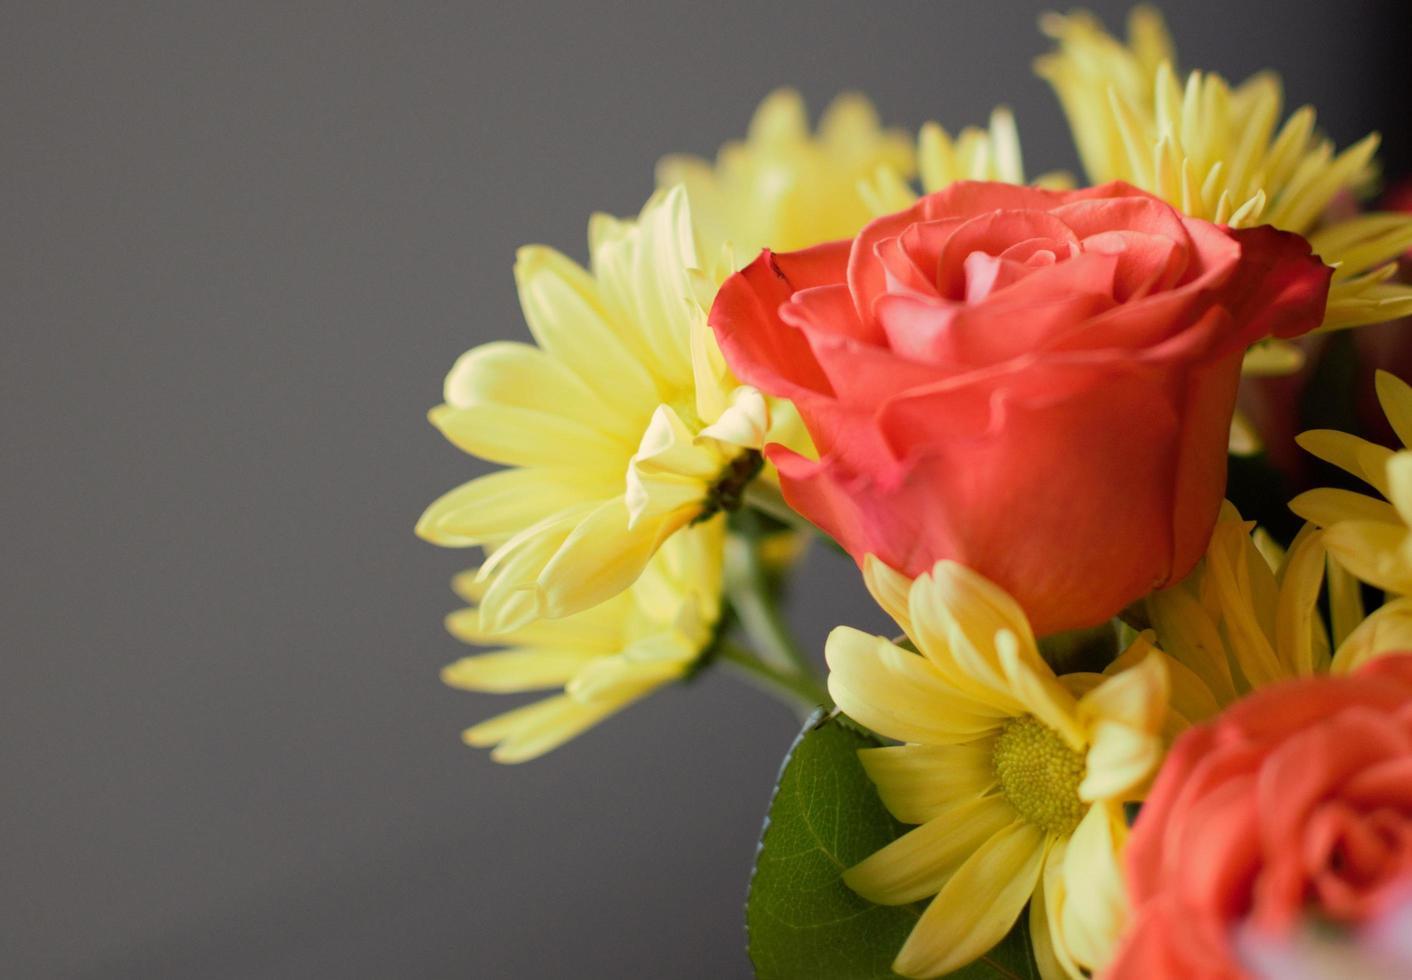 gros plan de fleurs rouges et jaunes photo